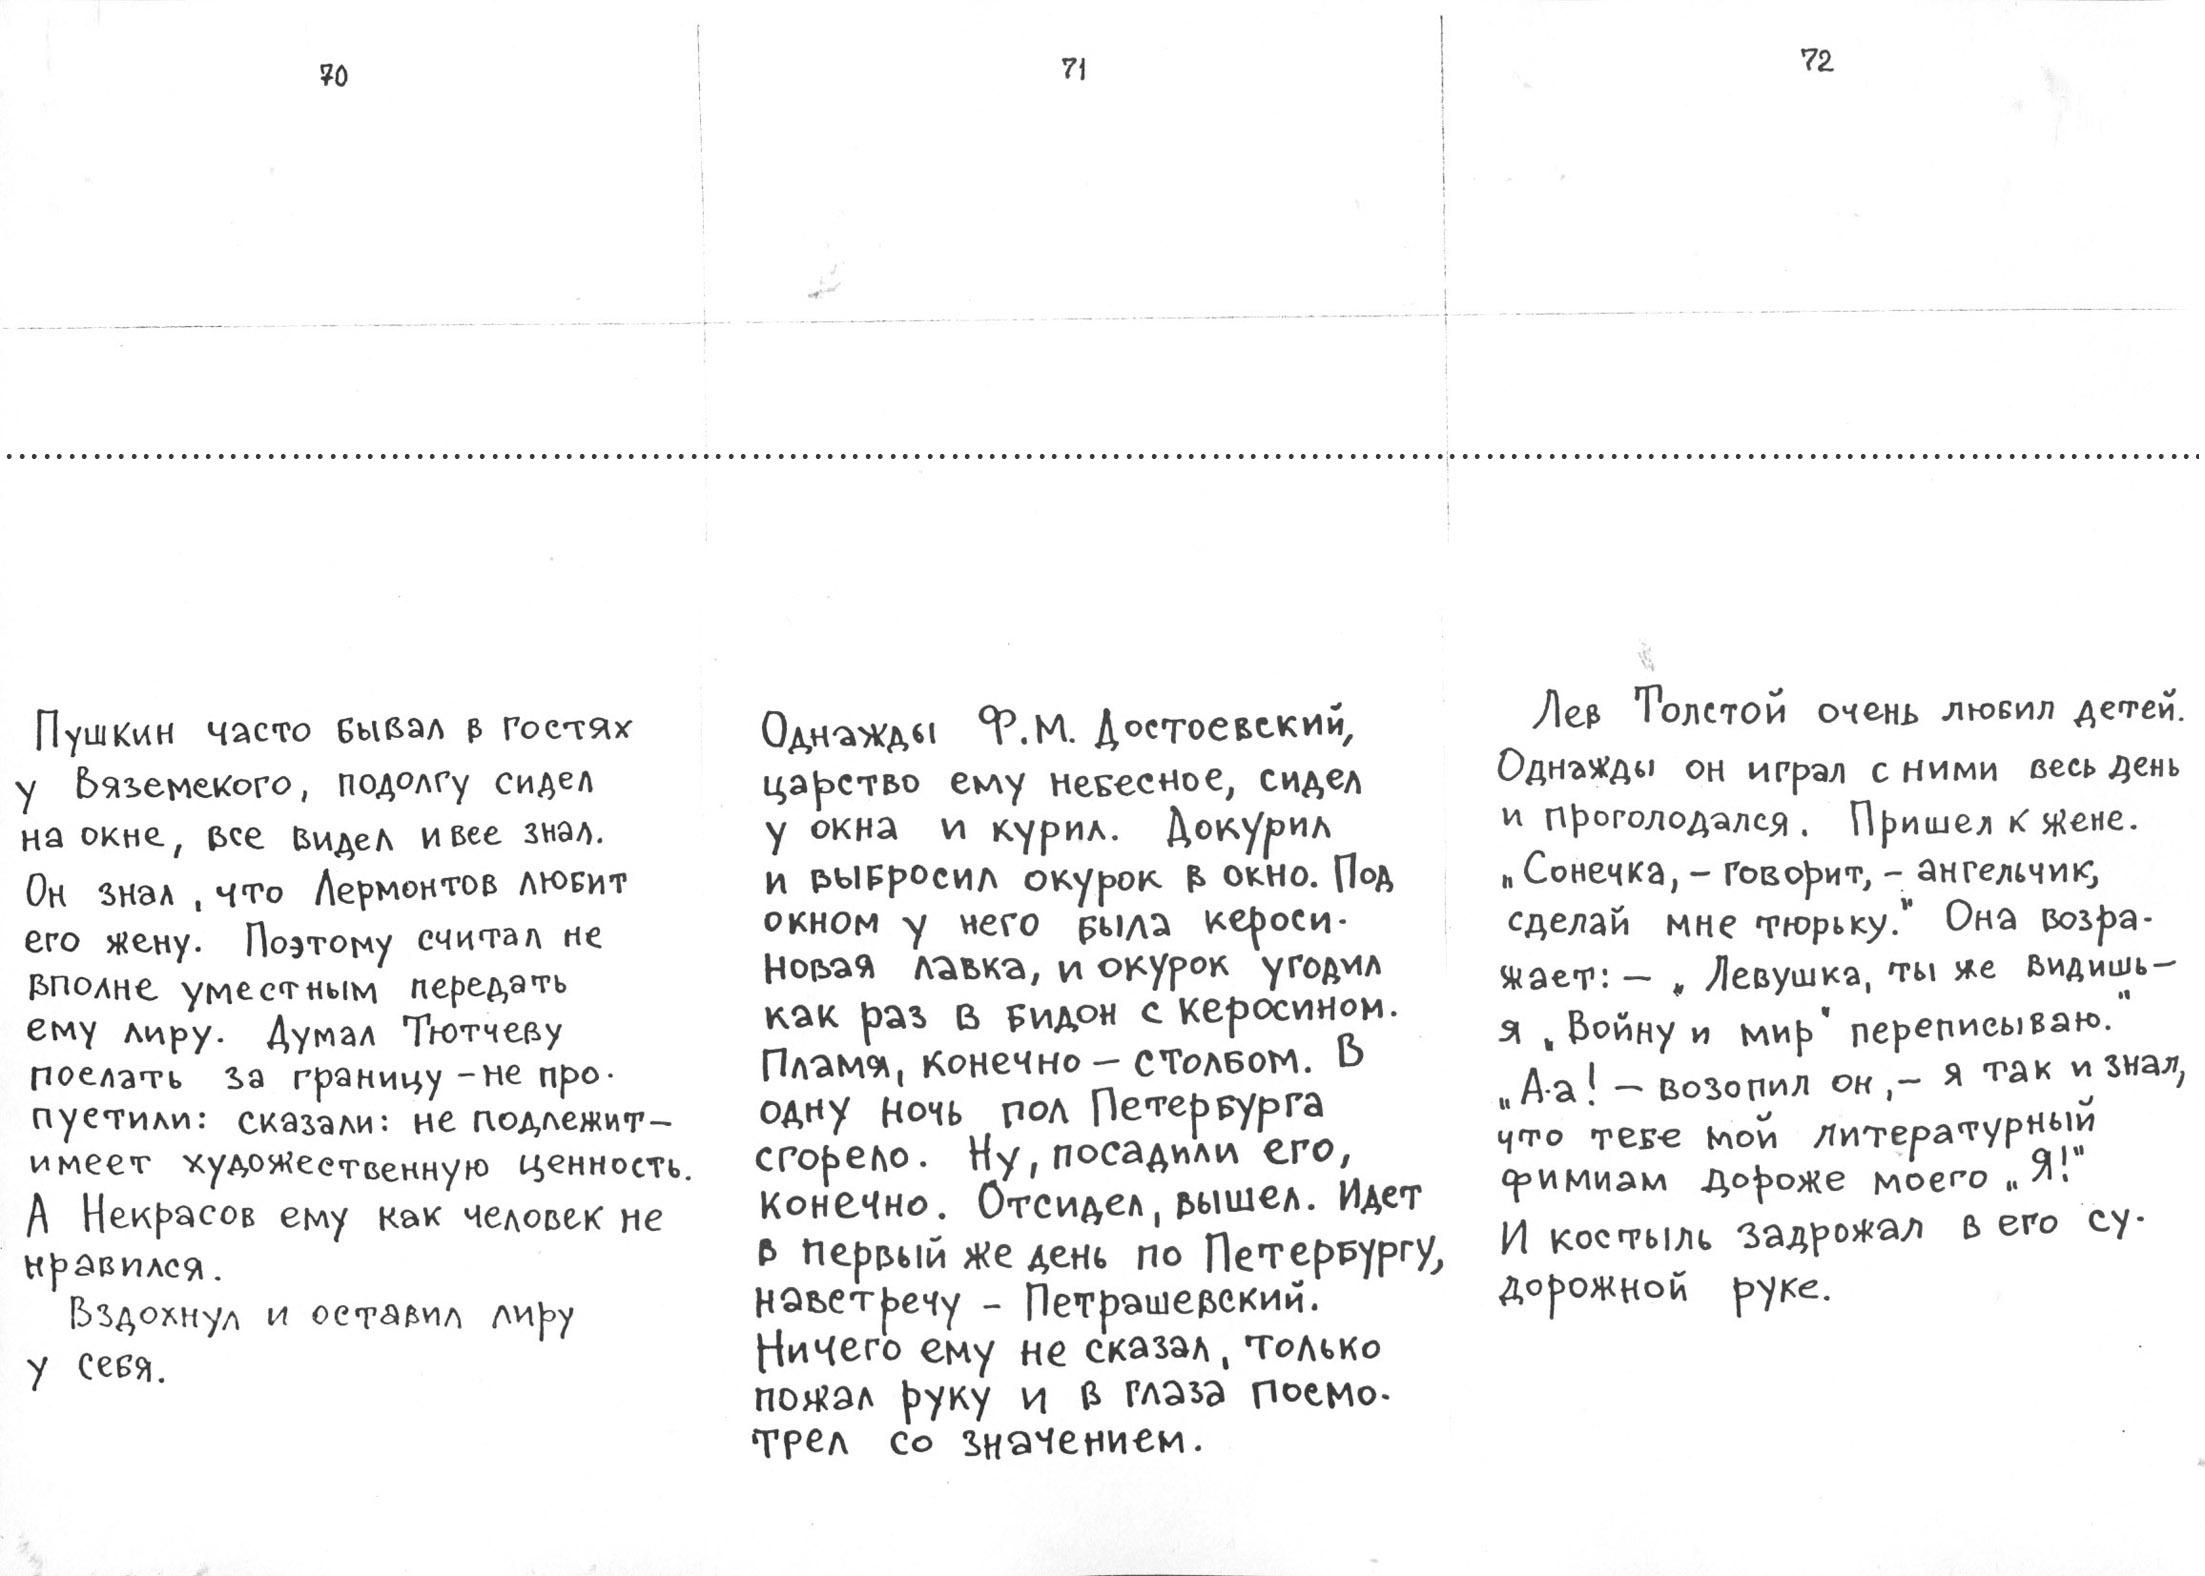 70-72.jpg